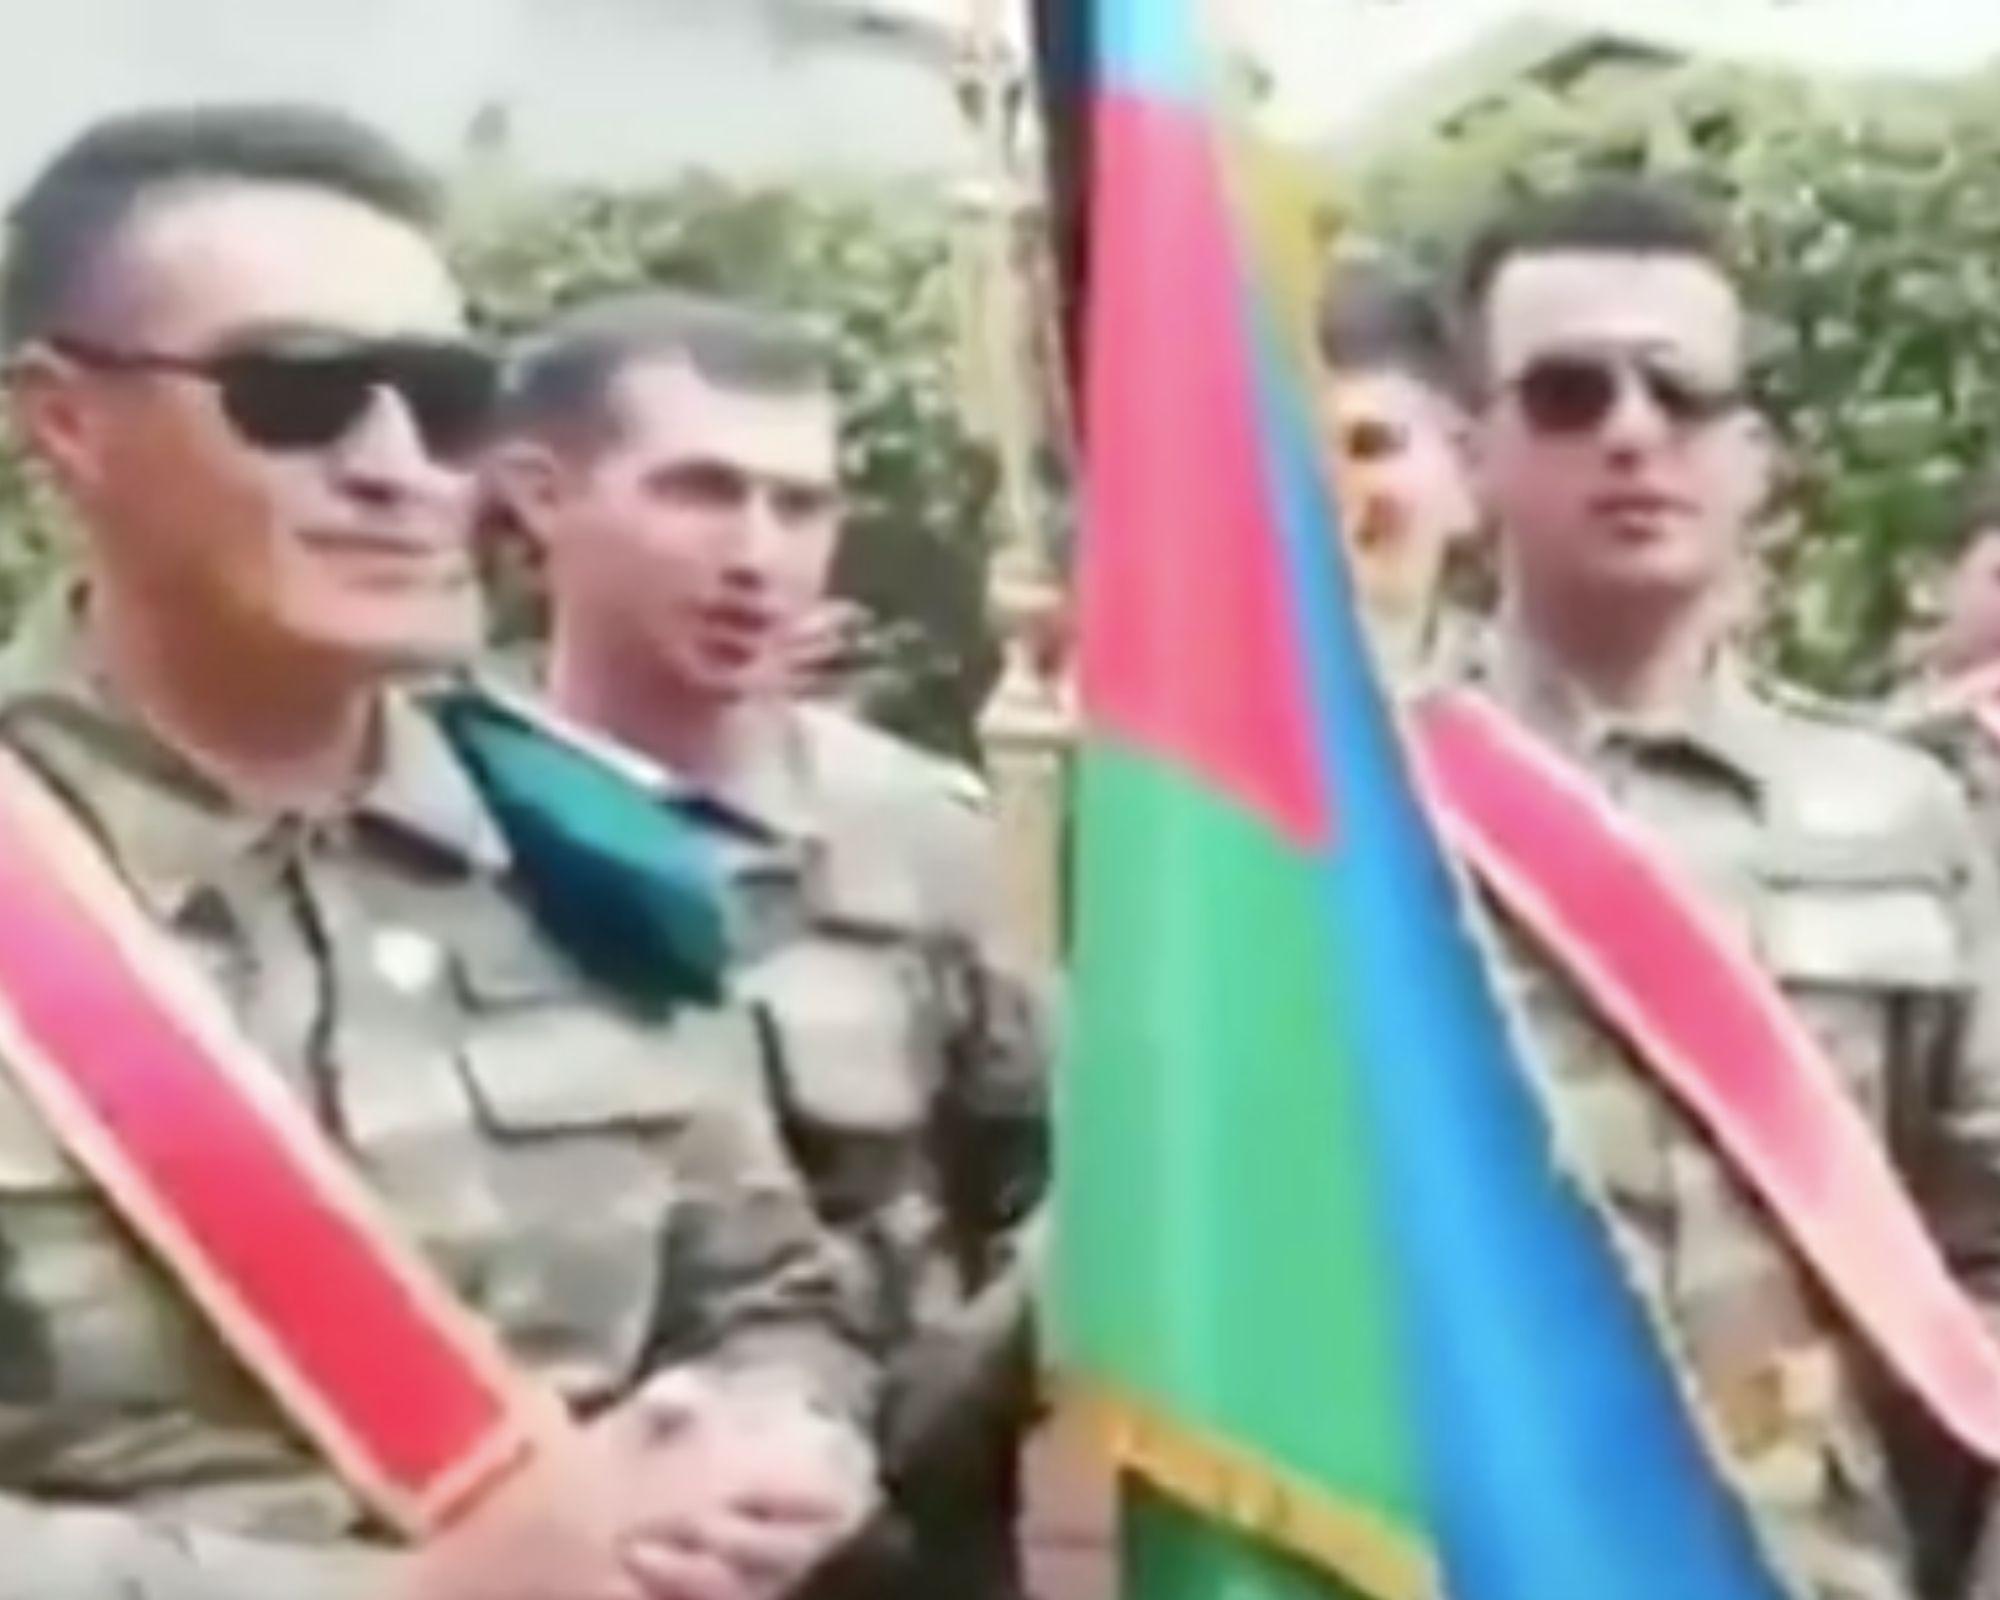 Videonun 27 Eylül çatışmasında Pakistan'ın Azerbaycan'a desteğini gösterdiği iddiası